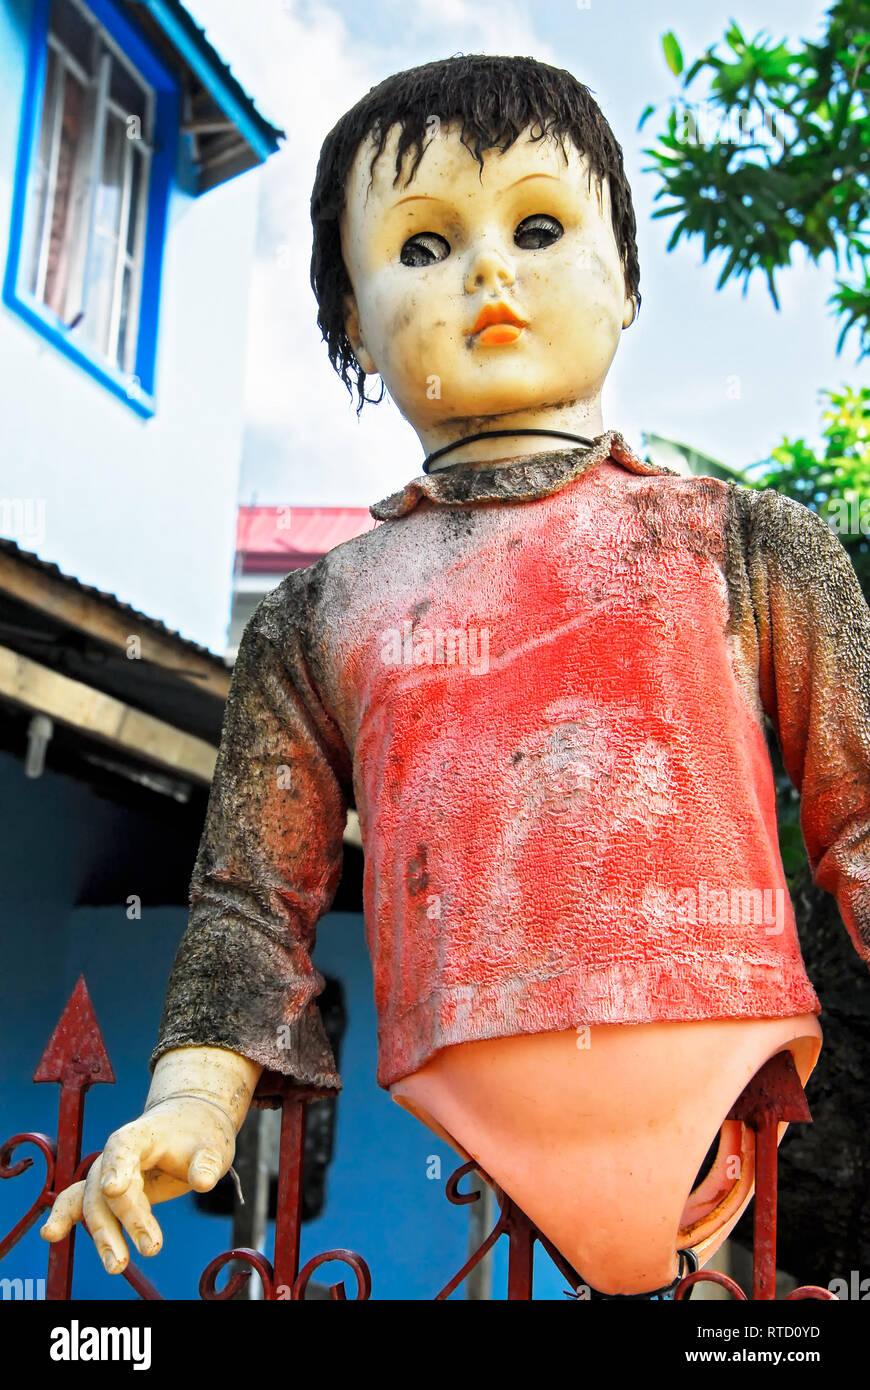 Una muñeca de plástico colorido sucio sin piernas atrapadas en un jardín vallado. Es una vista de ángulo bajo con una casa en el fondo, visto en Filipinas Foto de stock